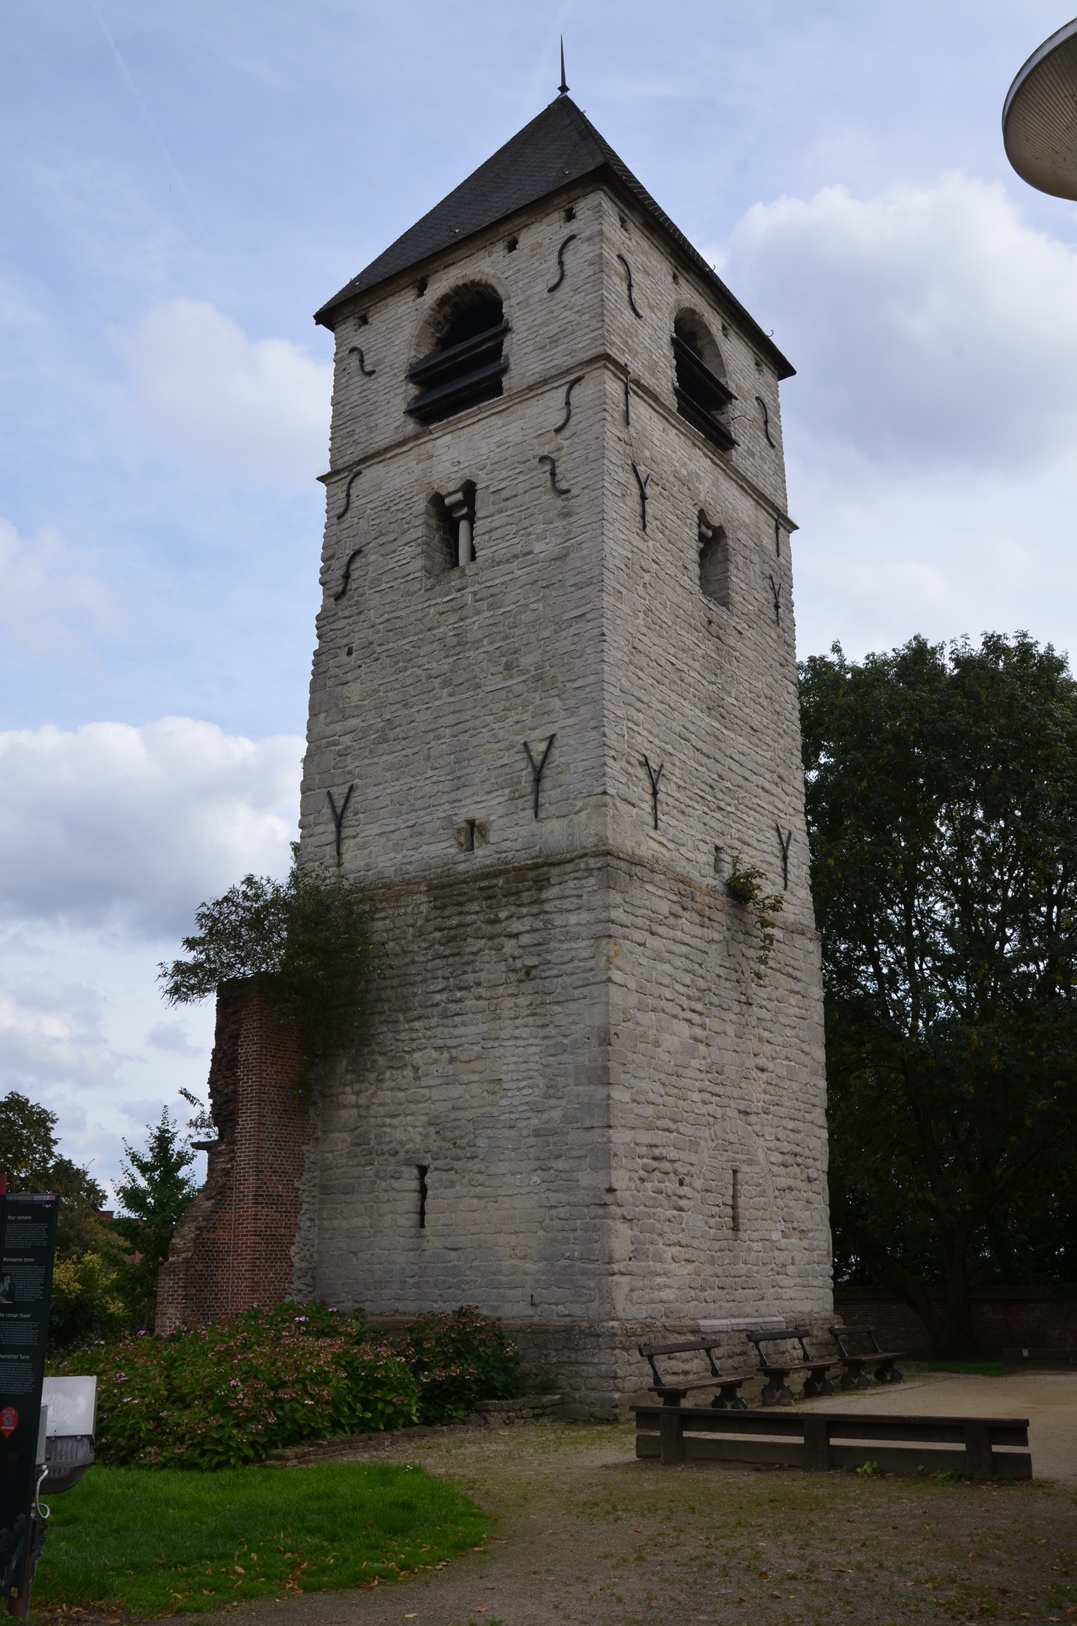 Bosduifstraat, romaanse toren (van de voormalige Sint-Pieter en Pauluskerk)